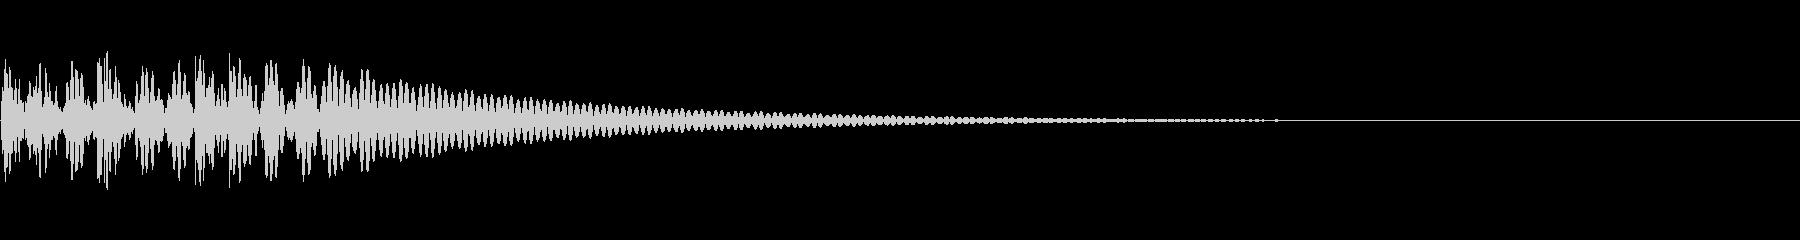 太鼓/和/日本/祭り/神輿/ドコドンの未再生の波形